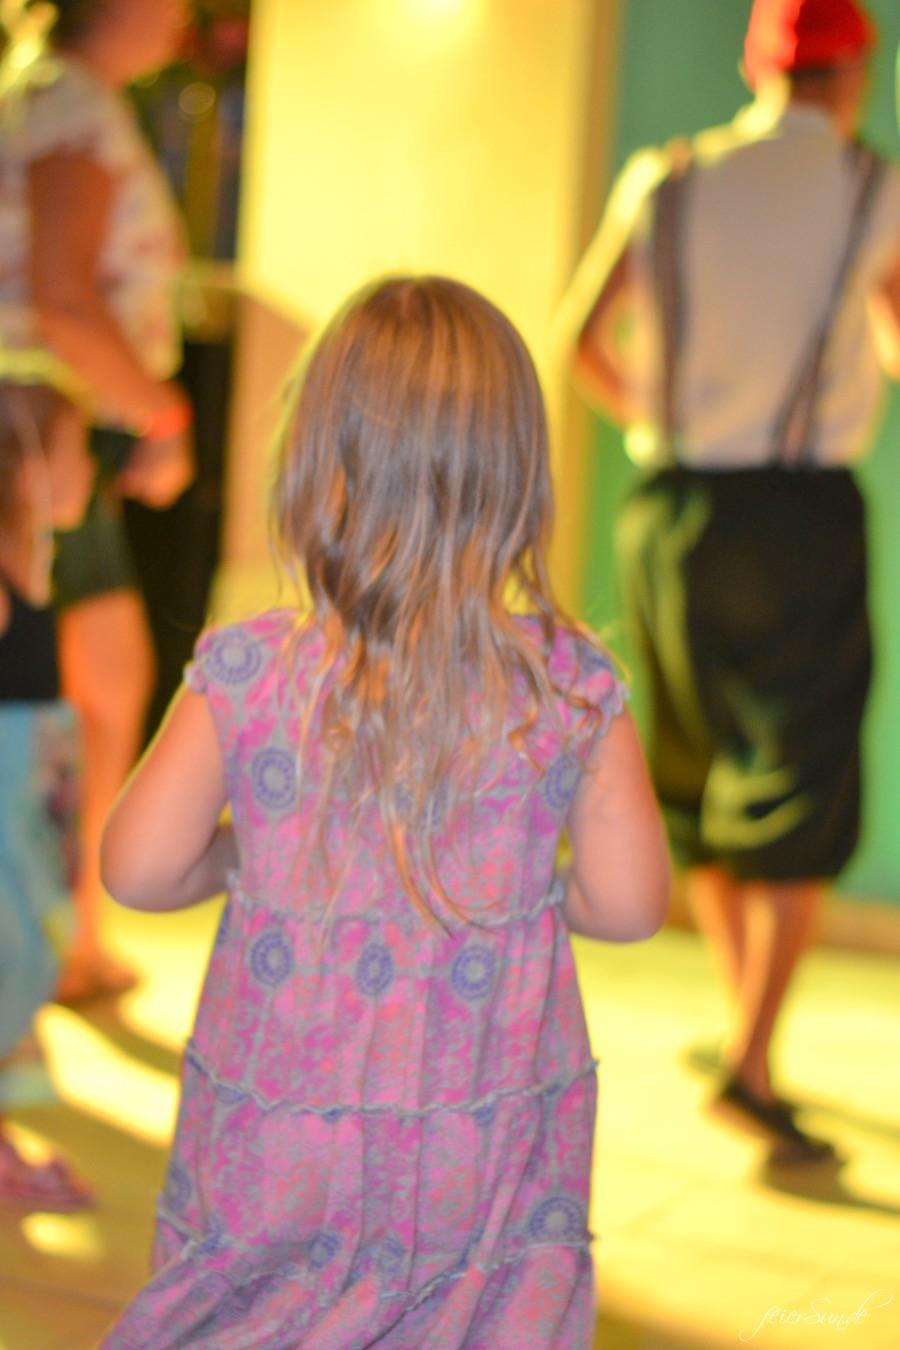 seelenurlaub-unser neununddreissigstes wochenende 2016_kinderdisco